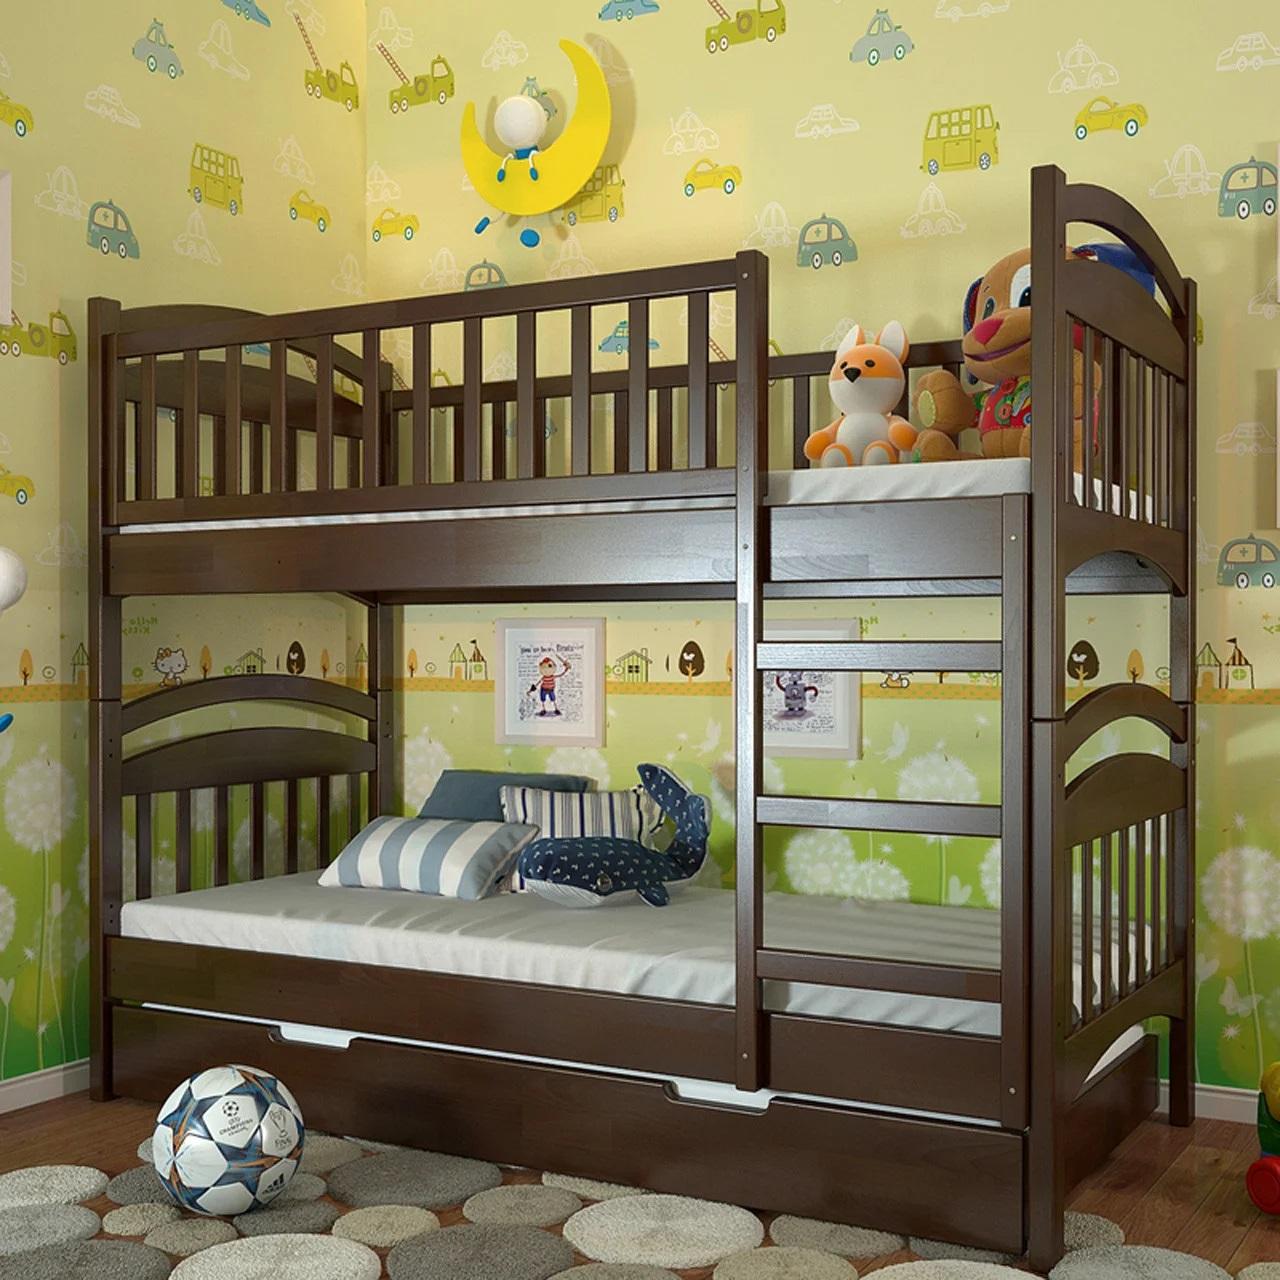 Обустройство детской комнаты для двоих